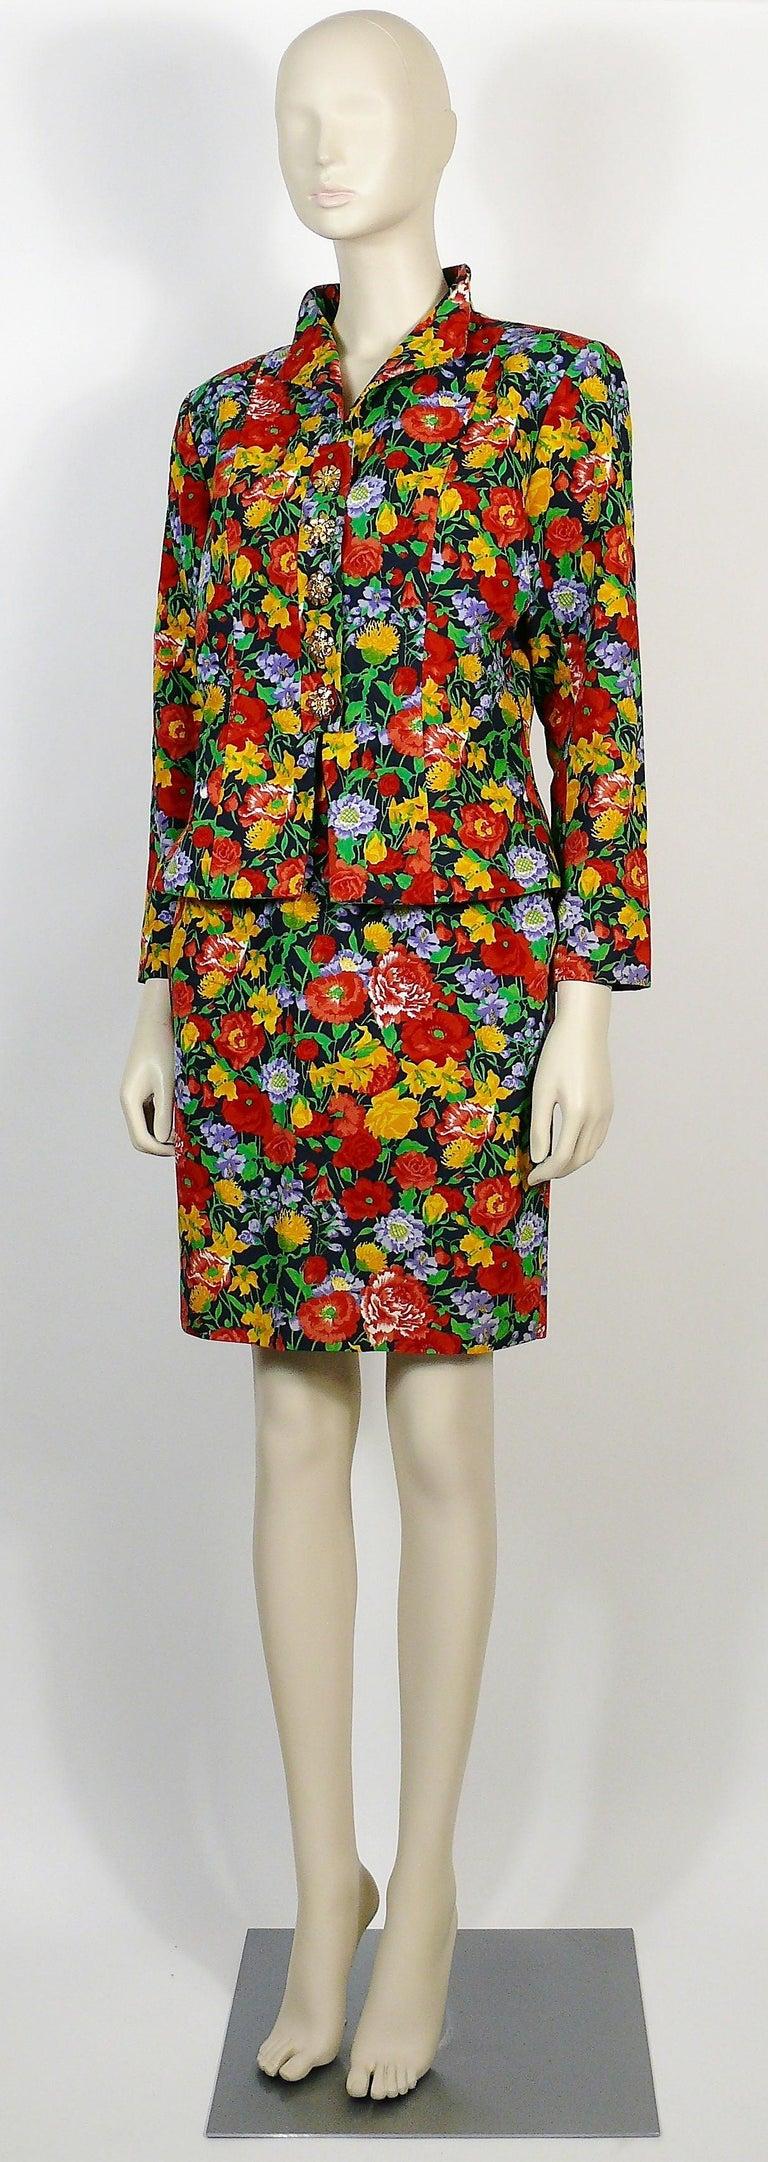 Yves Saint Laurent YSL Vintage Floral Print Skirt Suit Spring/Summer 1992 For Sale 1